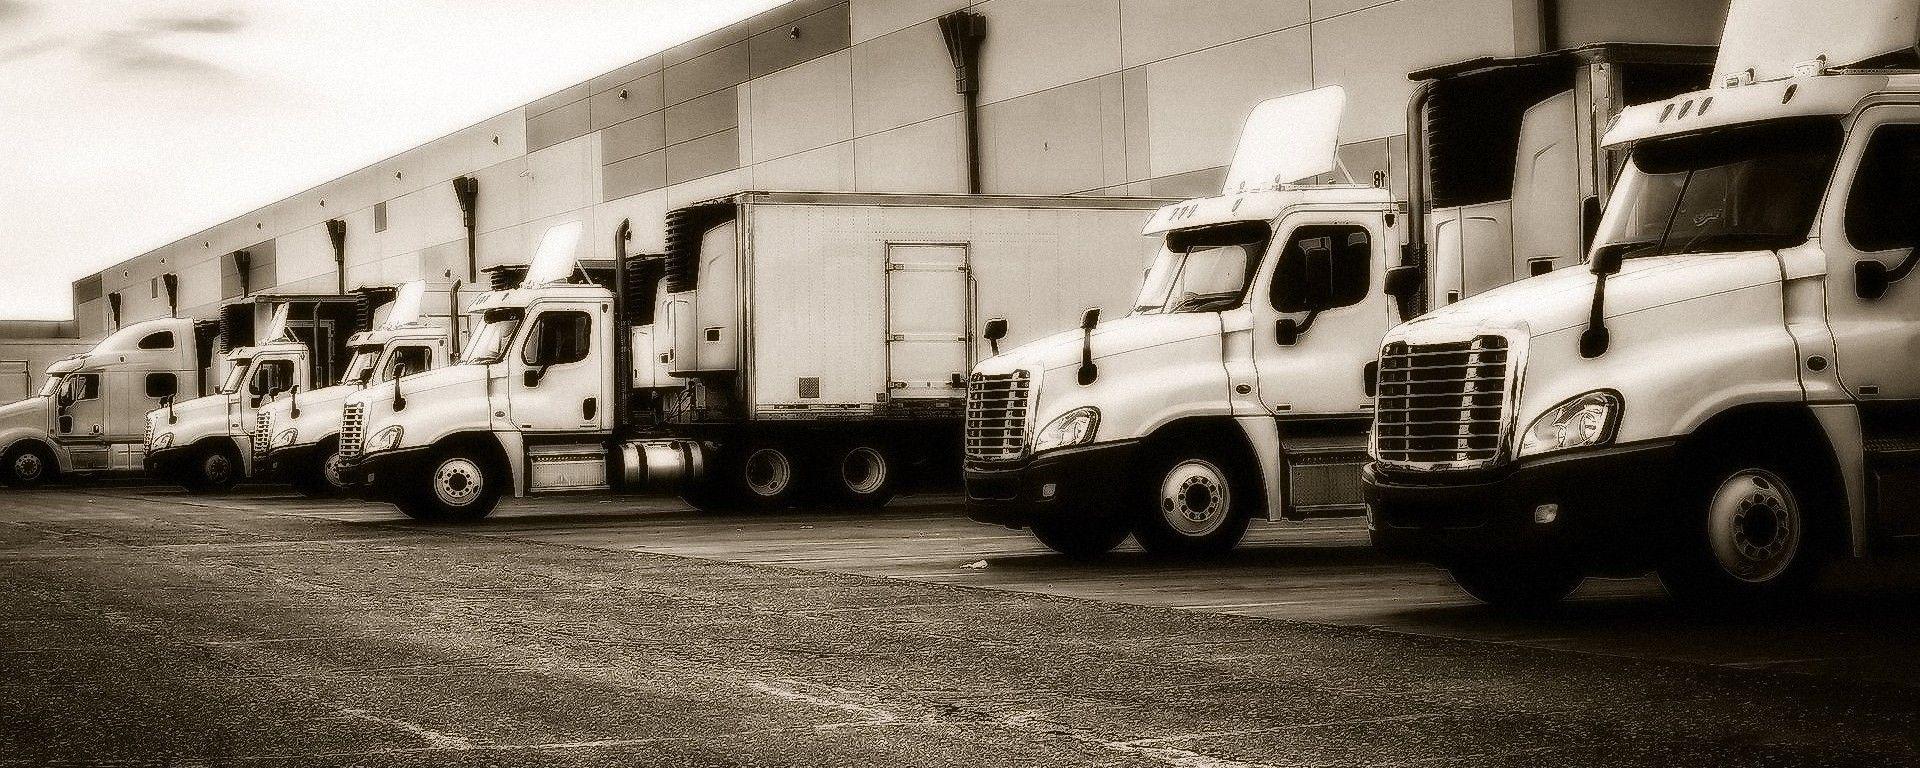 Mezzi da trasporto pesante